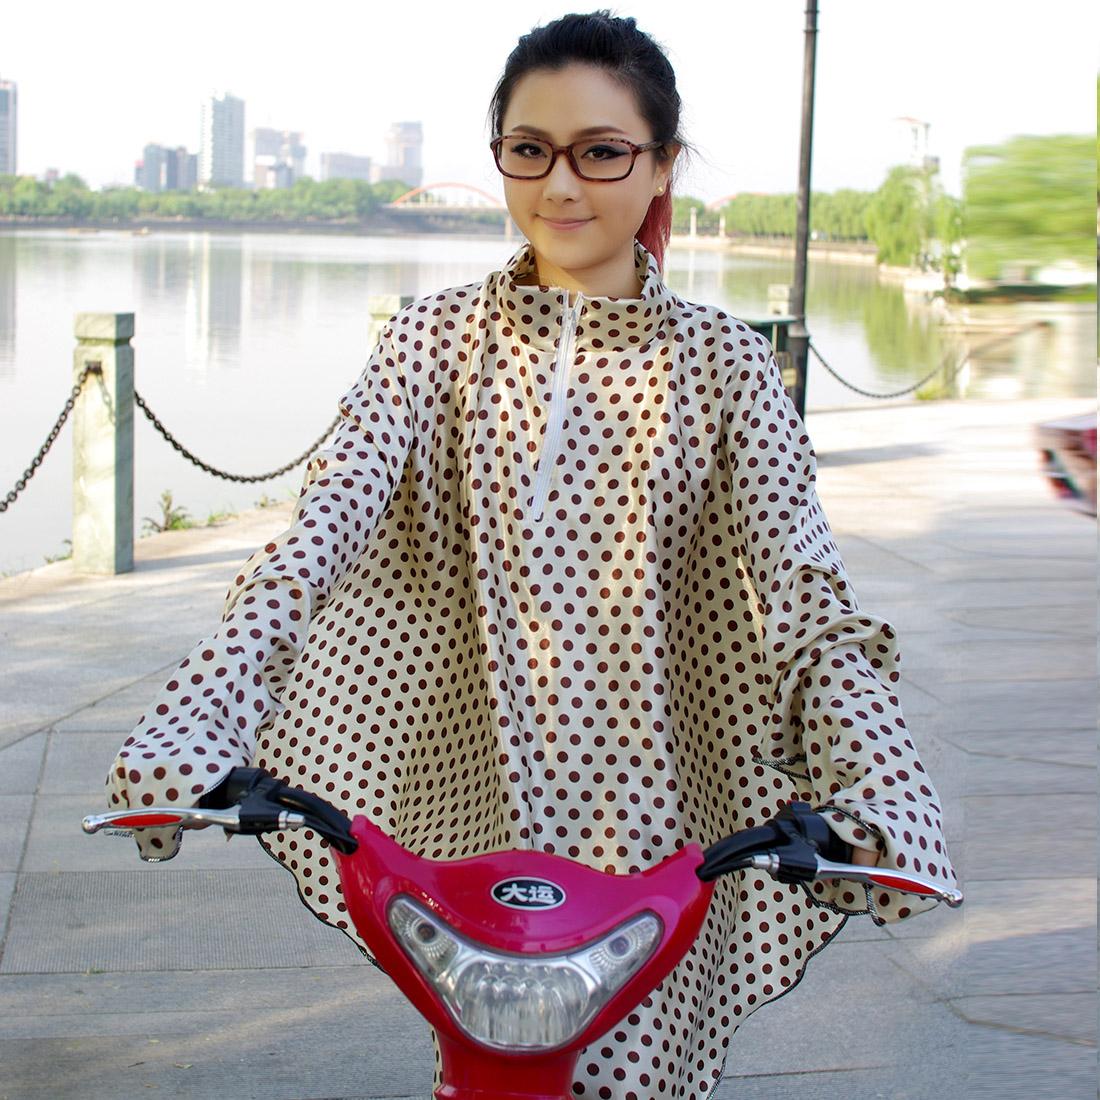 春夏季骑车开电动车摩托车防晒披肩衣披风长款防紫外线长袖遮阳女